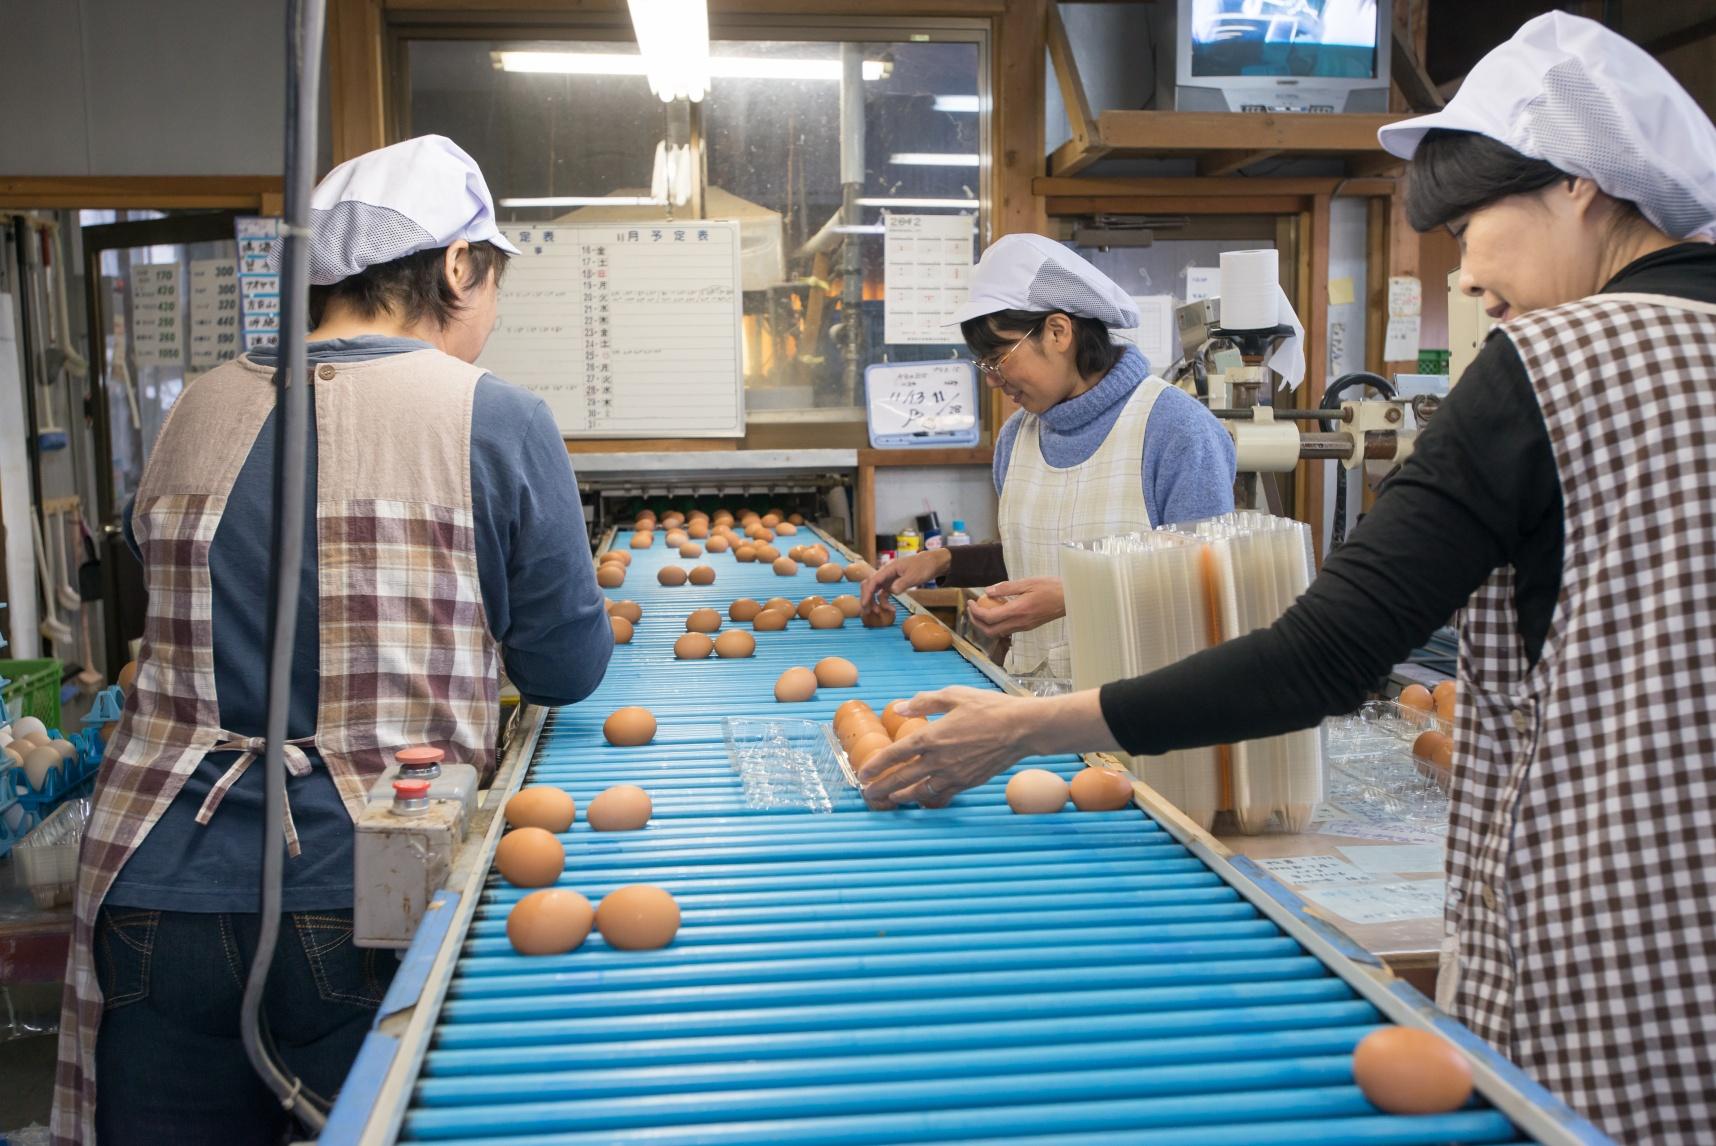 Đơn hàng nhặt trứng gà vào dây chuyền quay lại Nhật lần 2 lương cao